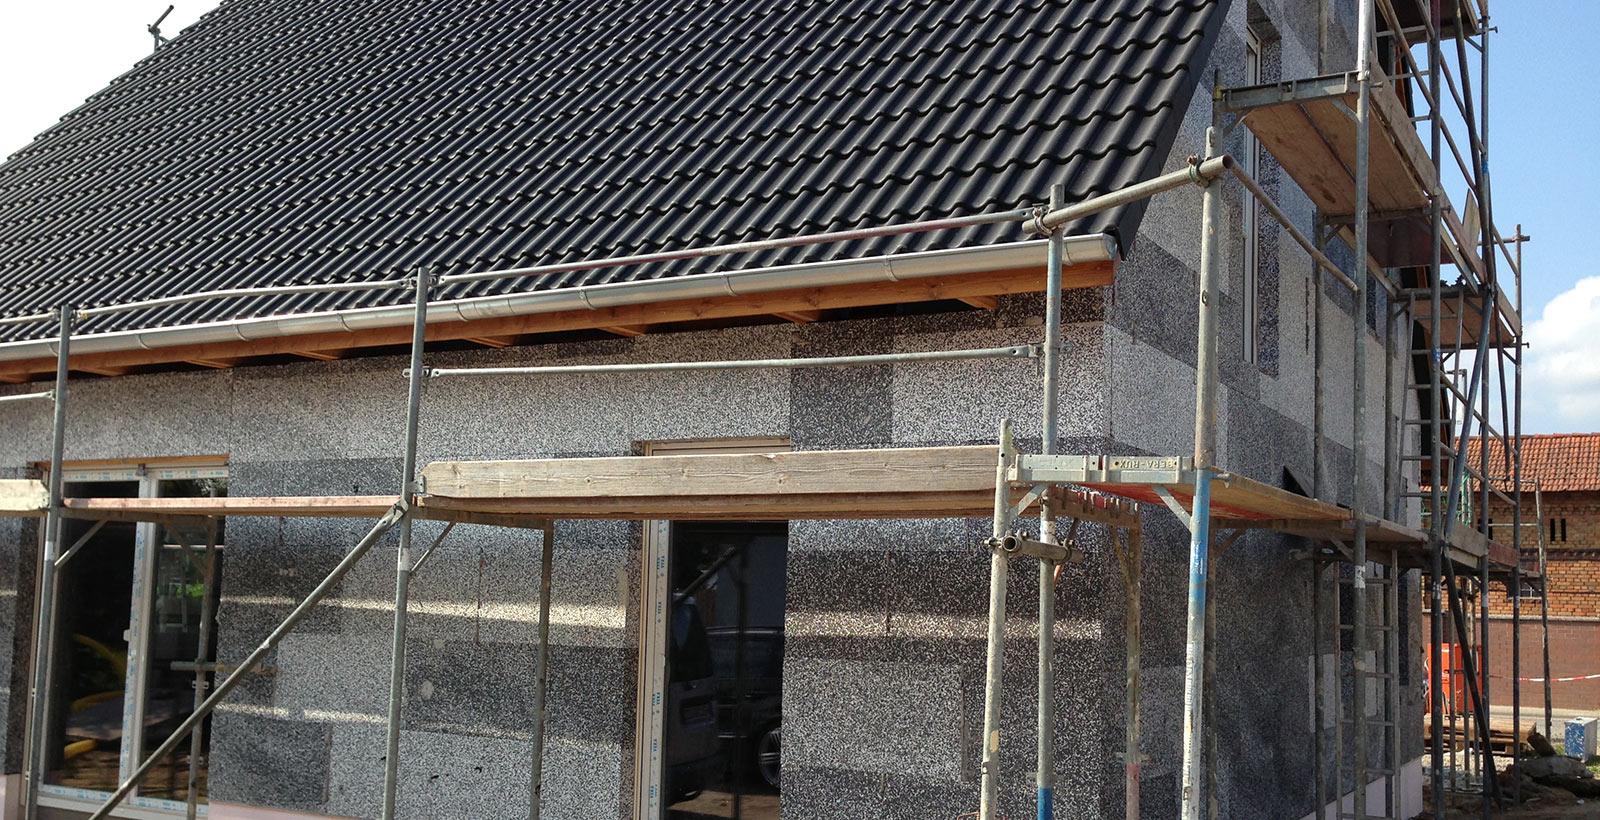 Referenzfoto von Gerüstbau zur Installation von Wärmedämmung an einem Haus